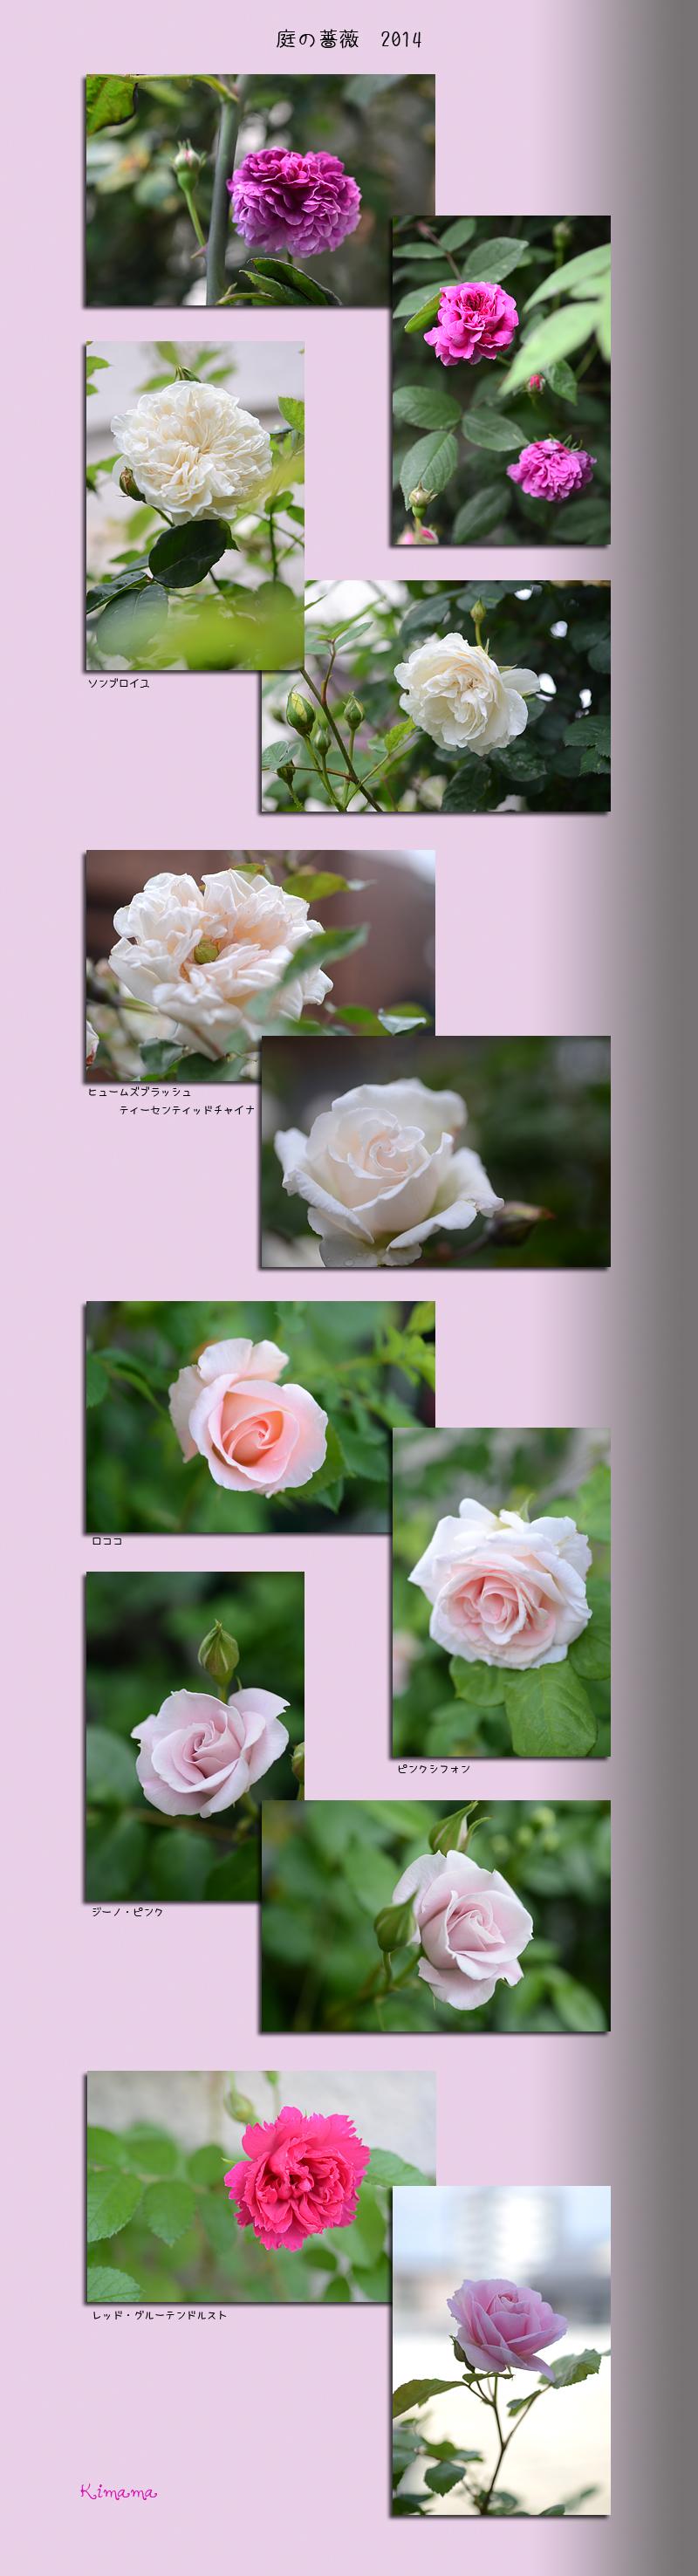 5月8日庭の花1